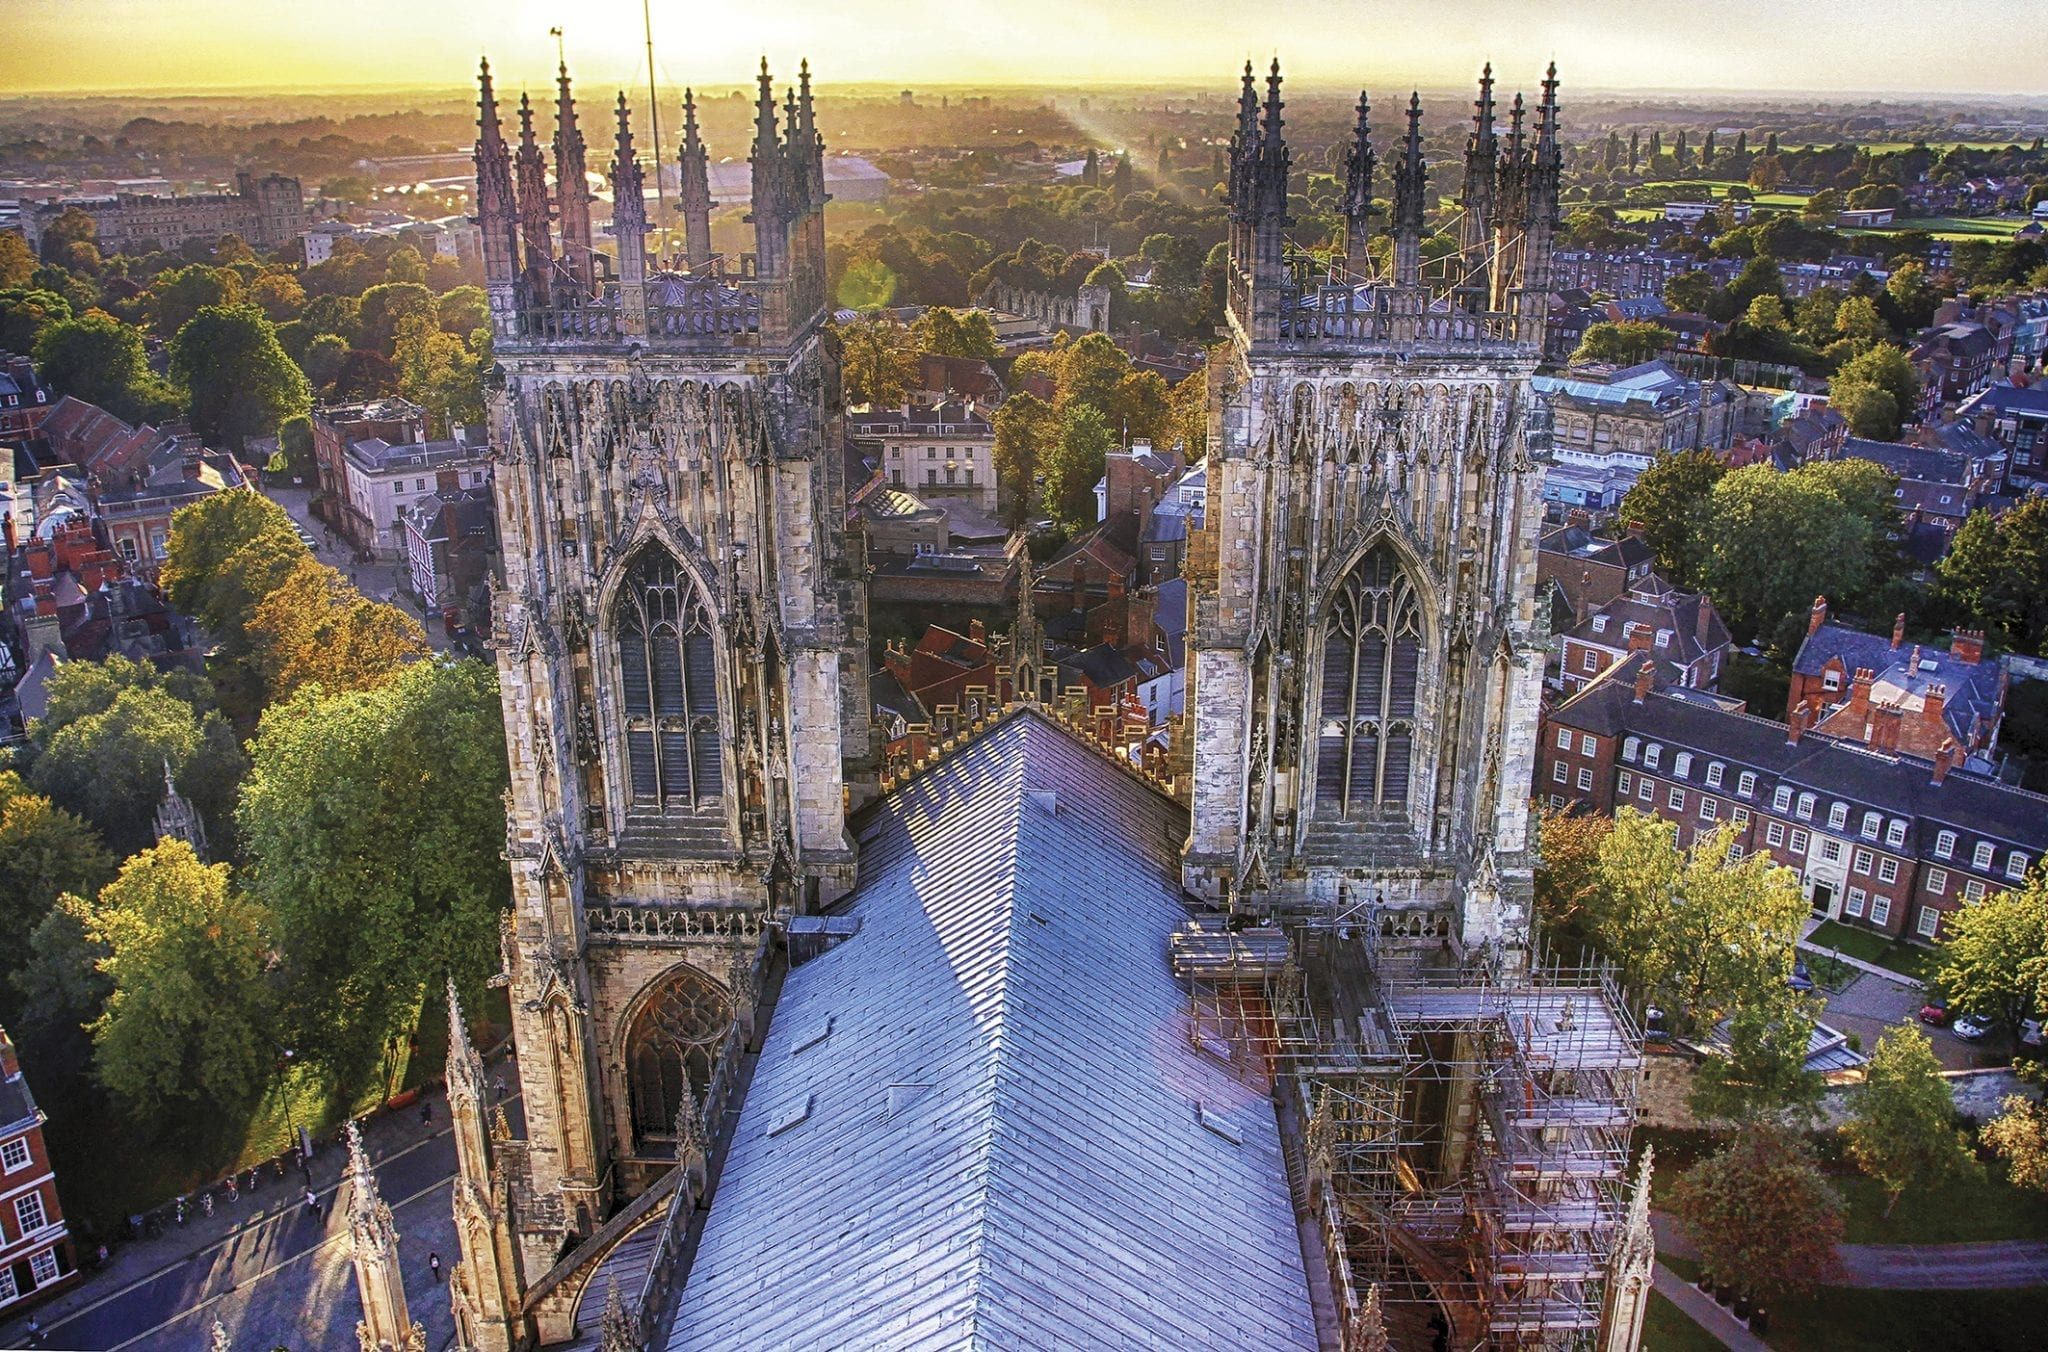 catedral gótica de la ciudad de york en Inglaterra (UK)